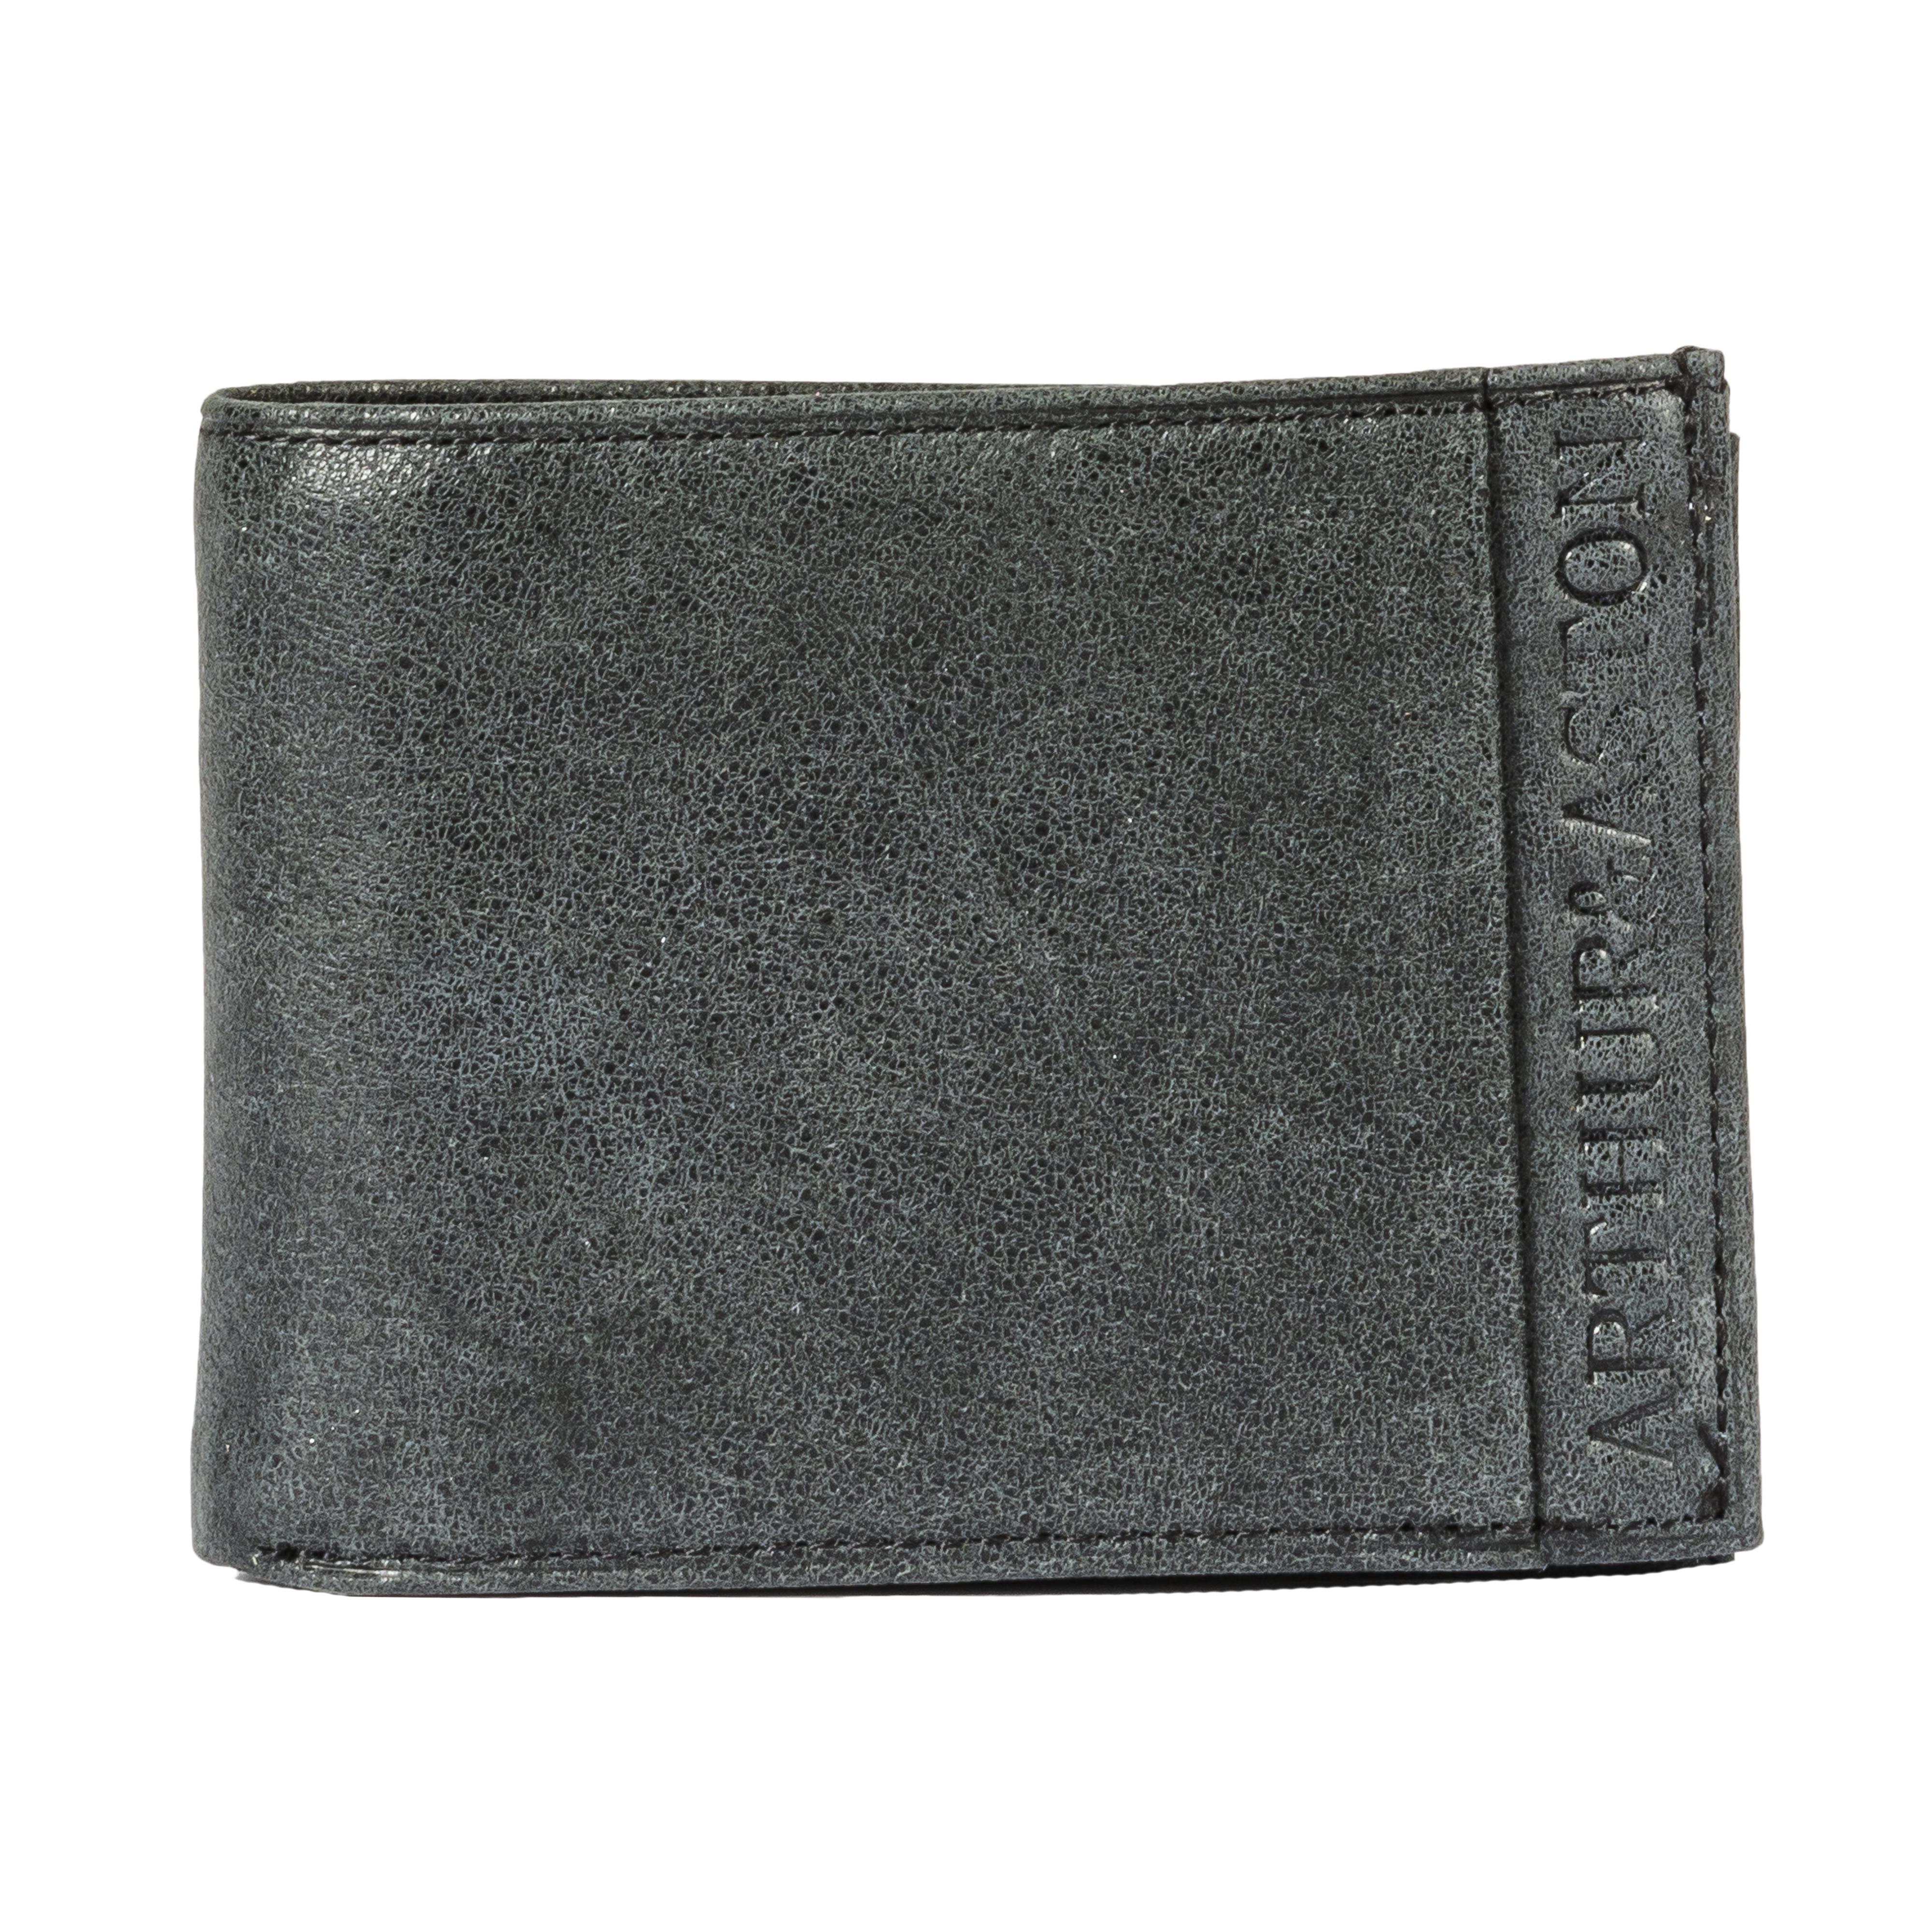 Portefeuille italien 3 volets arthur & aston en cuir de vachette noir